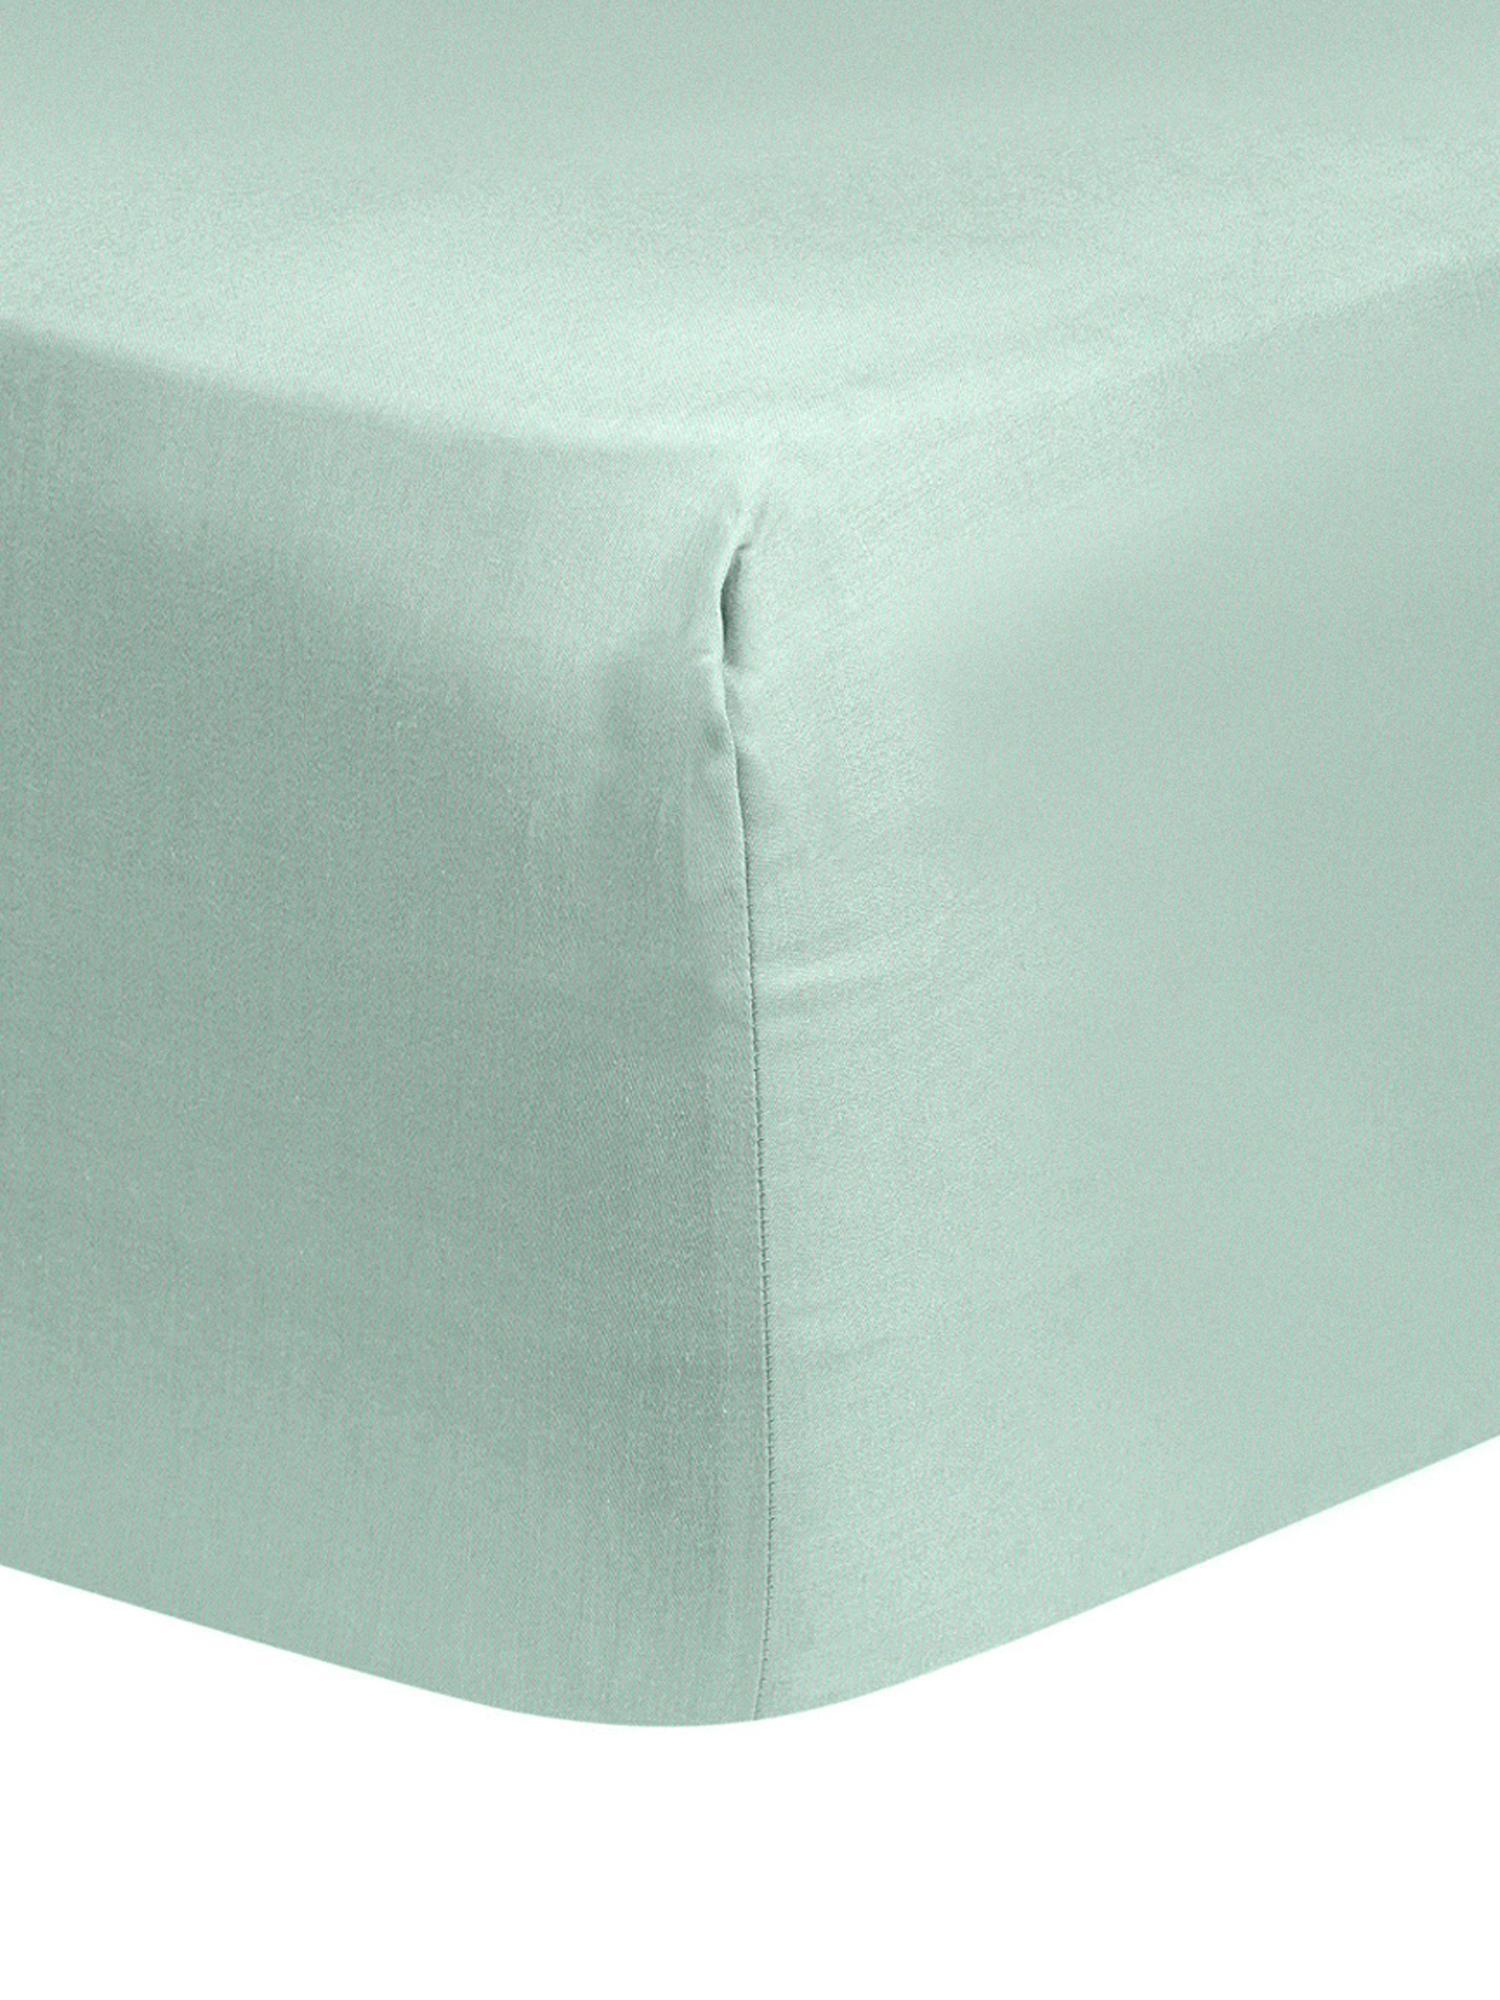 Spannbettlaken Comfort, Baumwollsatin, Webart: Satin, leicht glänzend, Salbeigrün, 90 x 200 cm